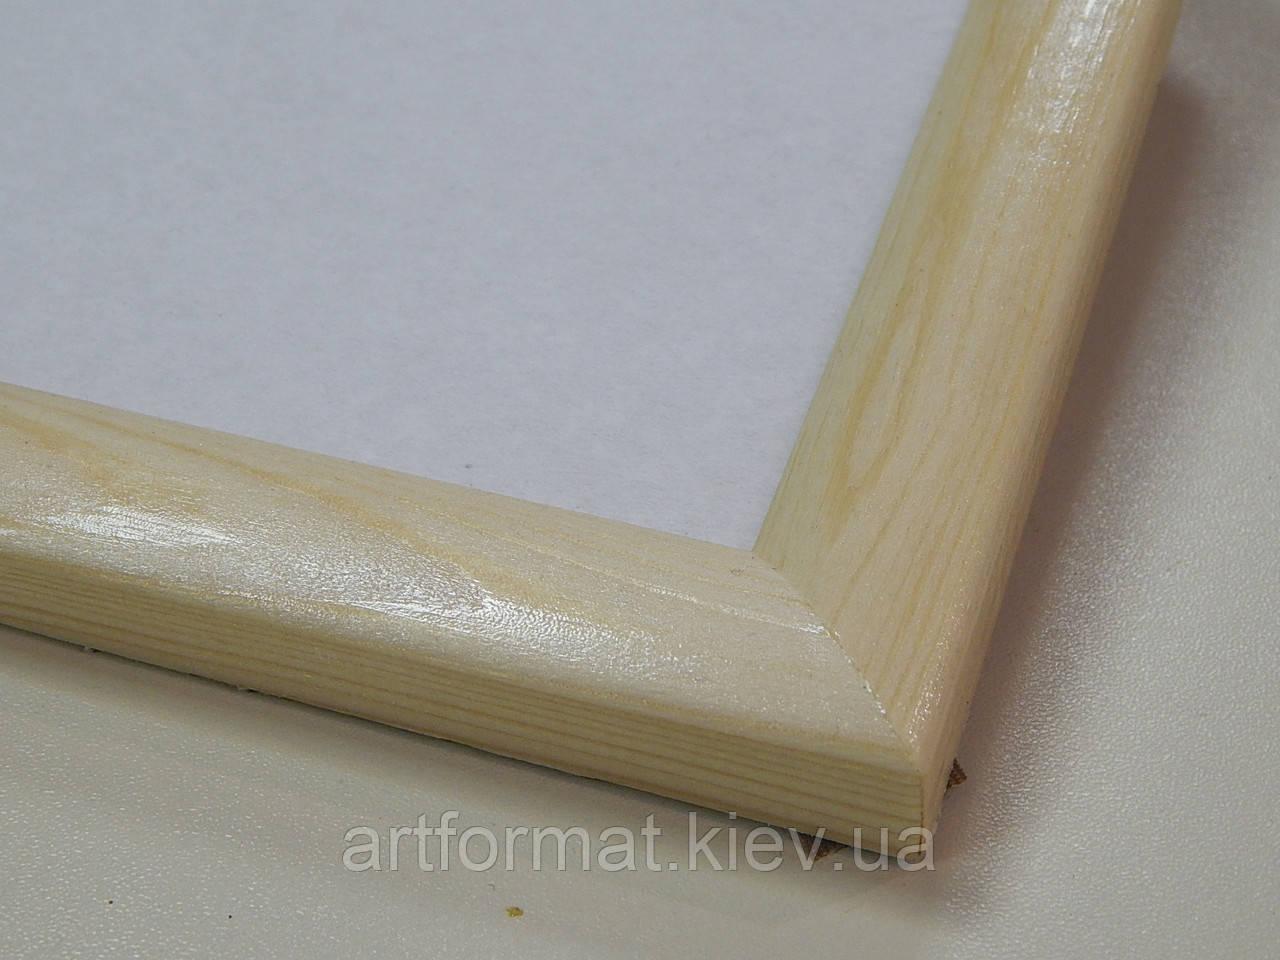 Рамки деревянные .23 мм .Сосна .Лак матовый.